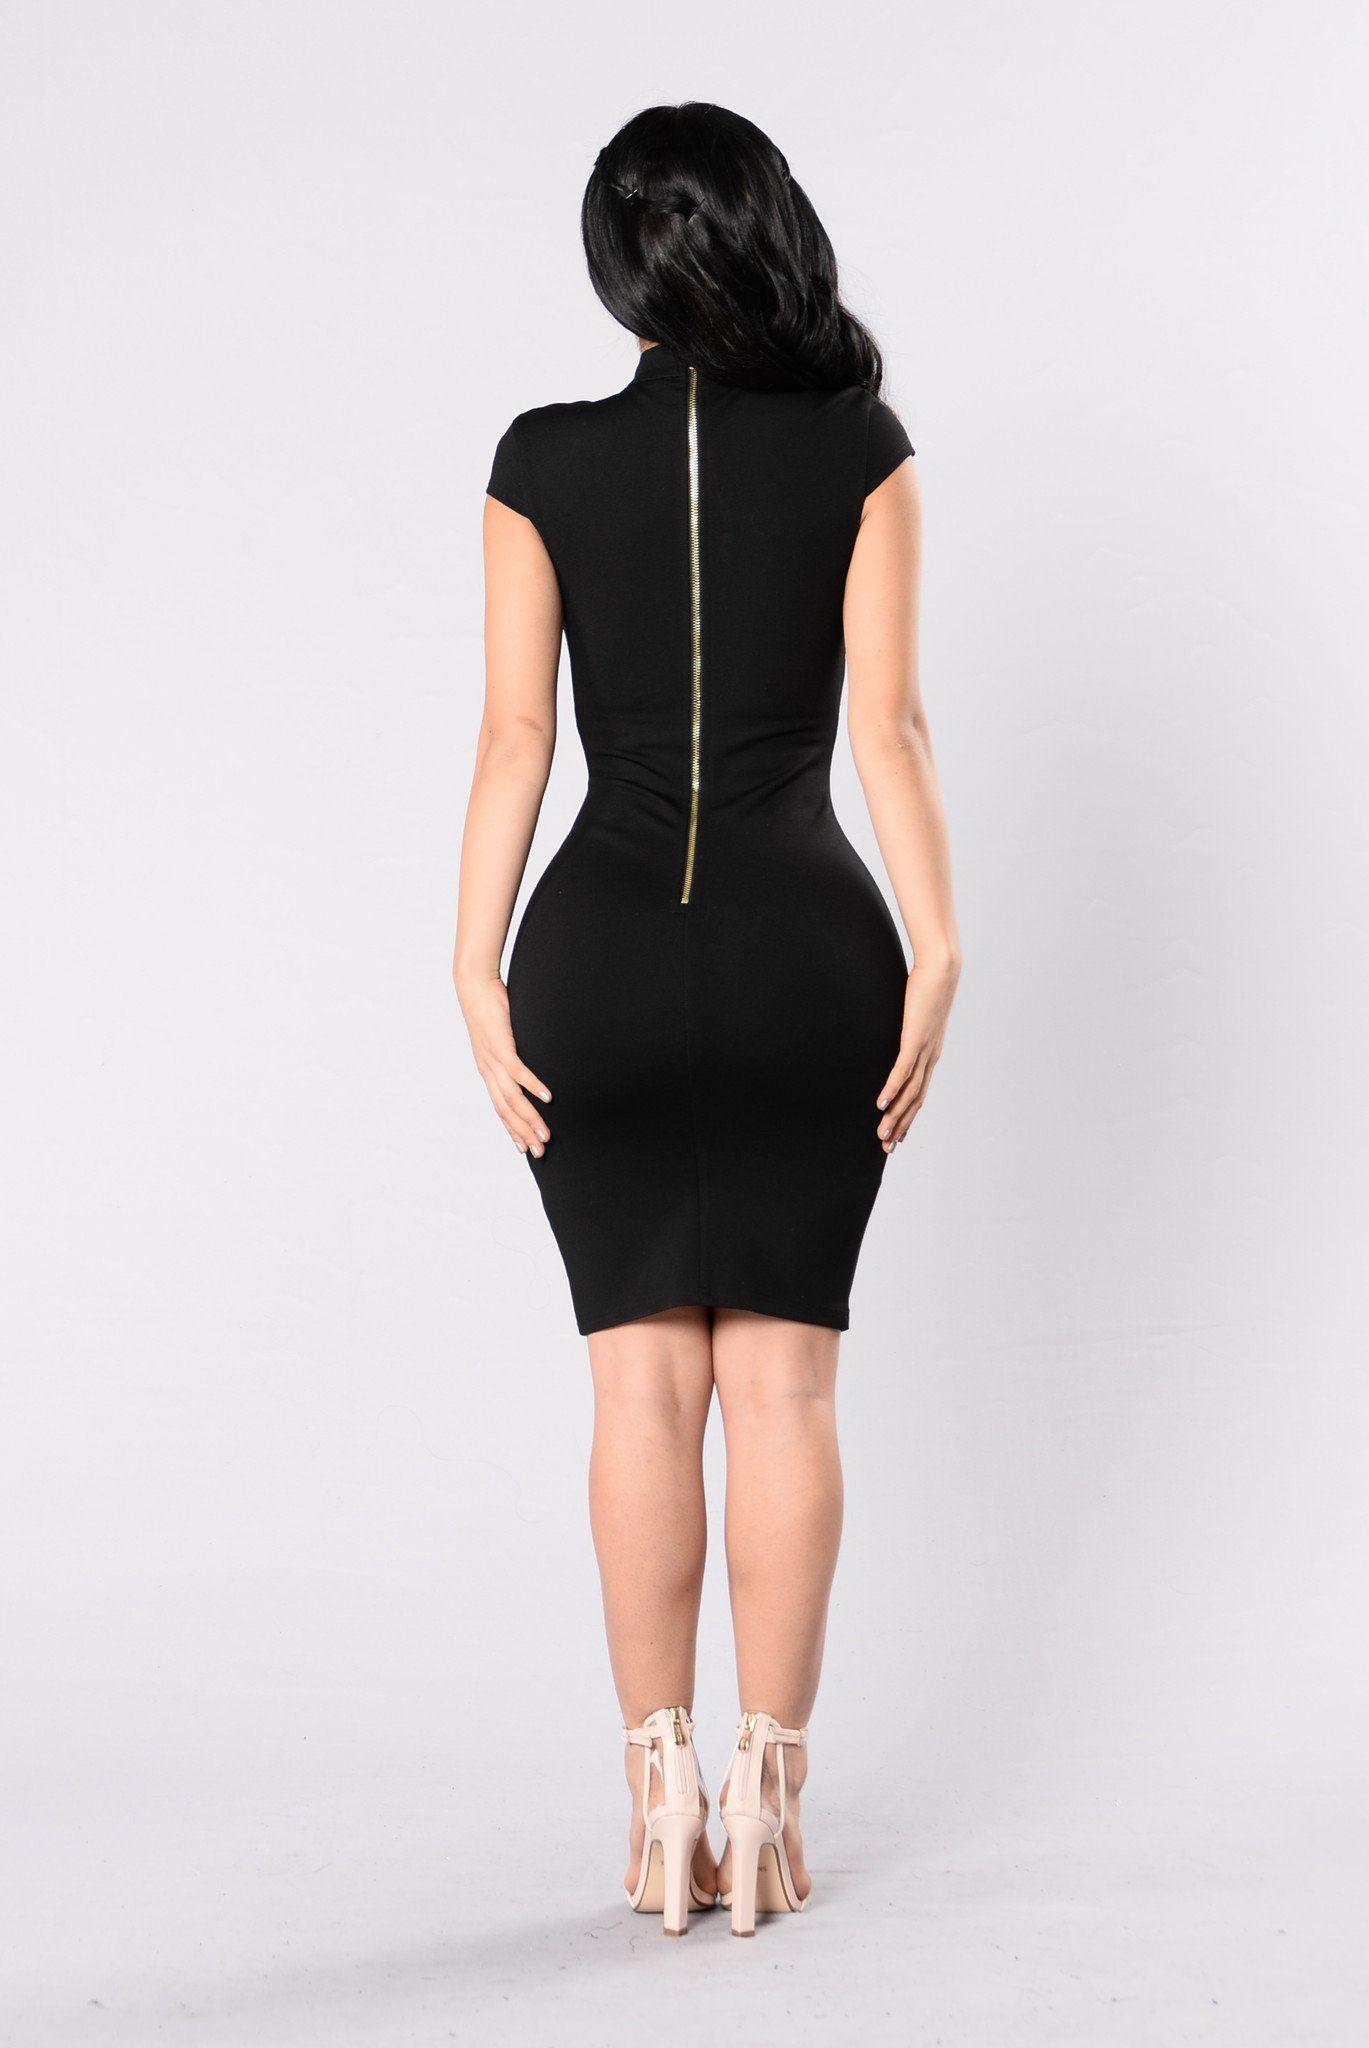 Pin On Fashion Nova Black [ 2048 x 1369 Pixel ]